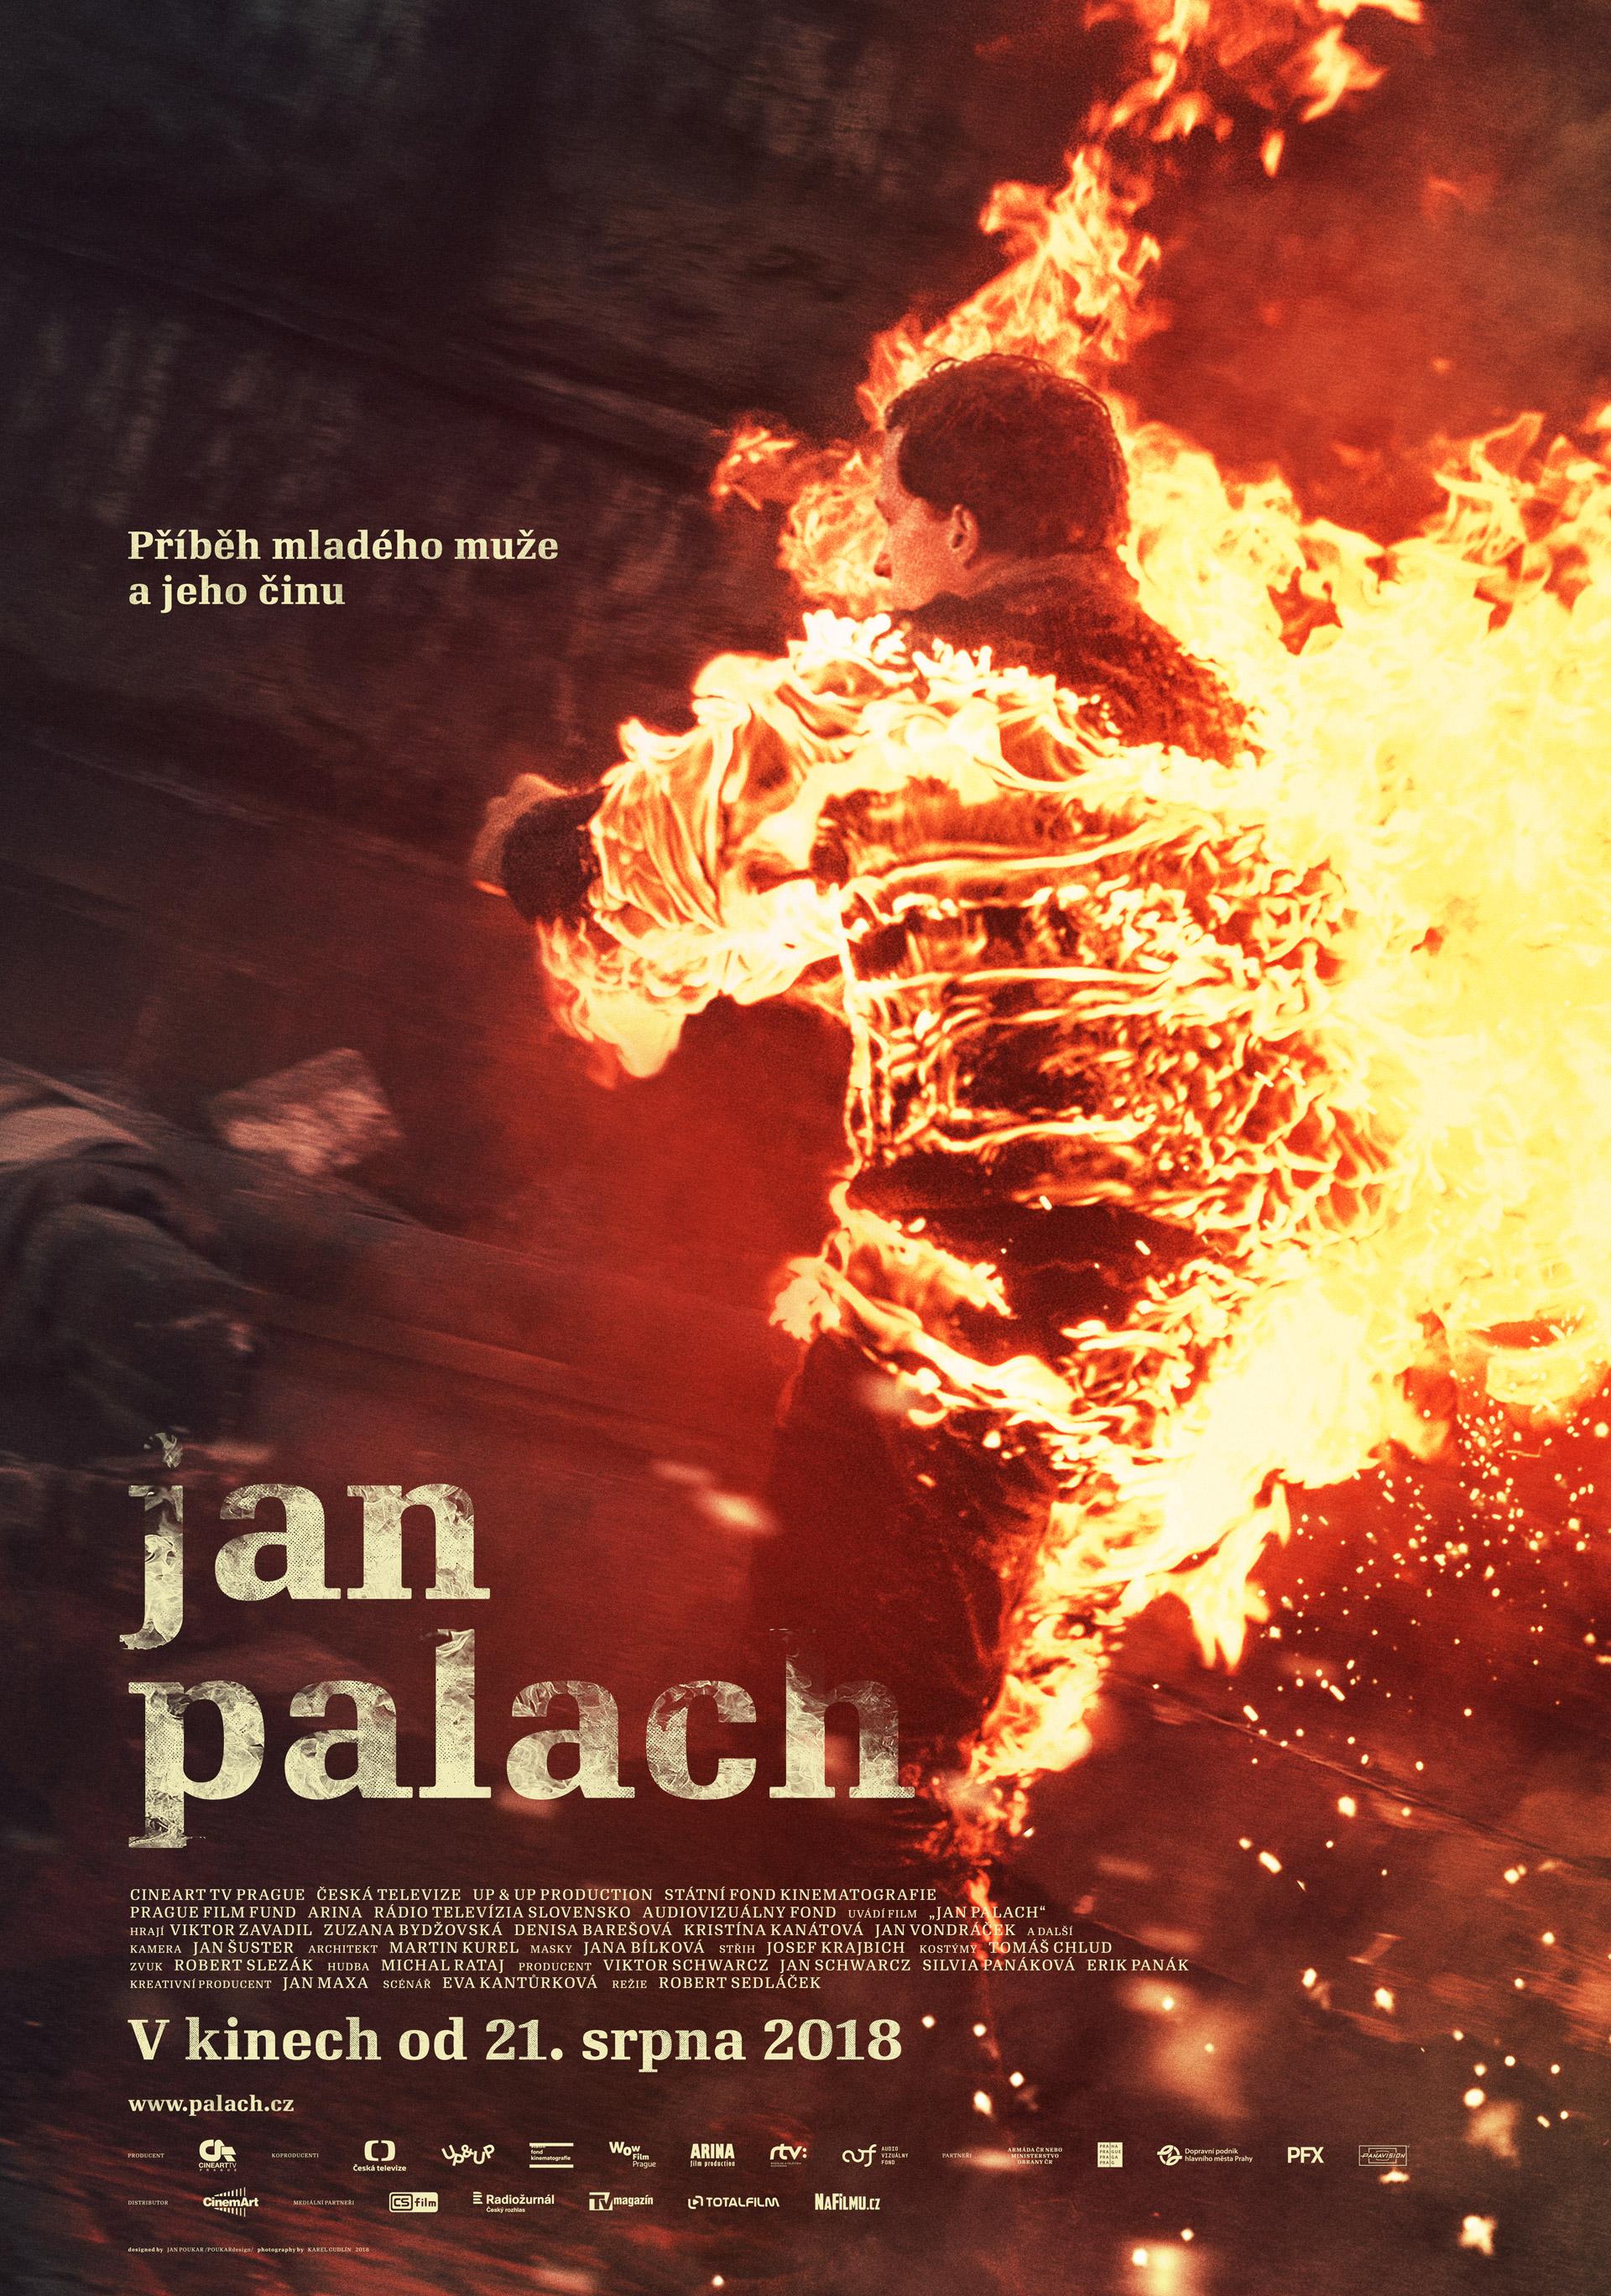 jan_palach_poster_final_skica.jpg